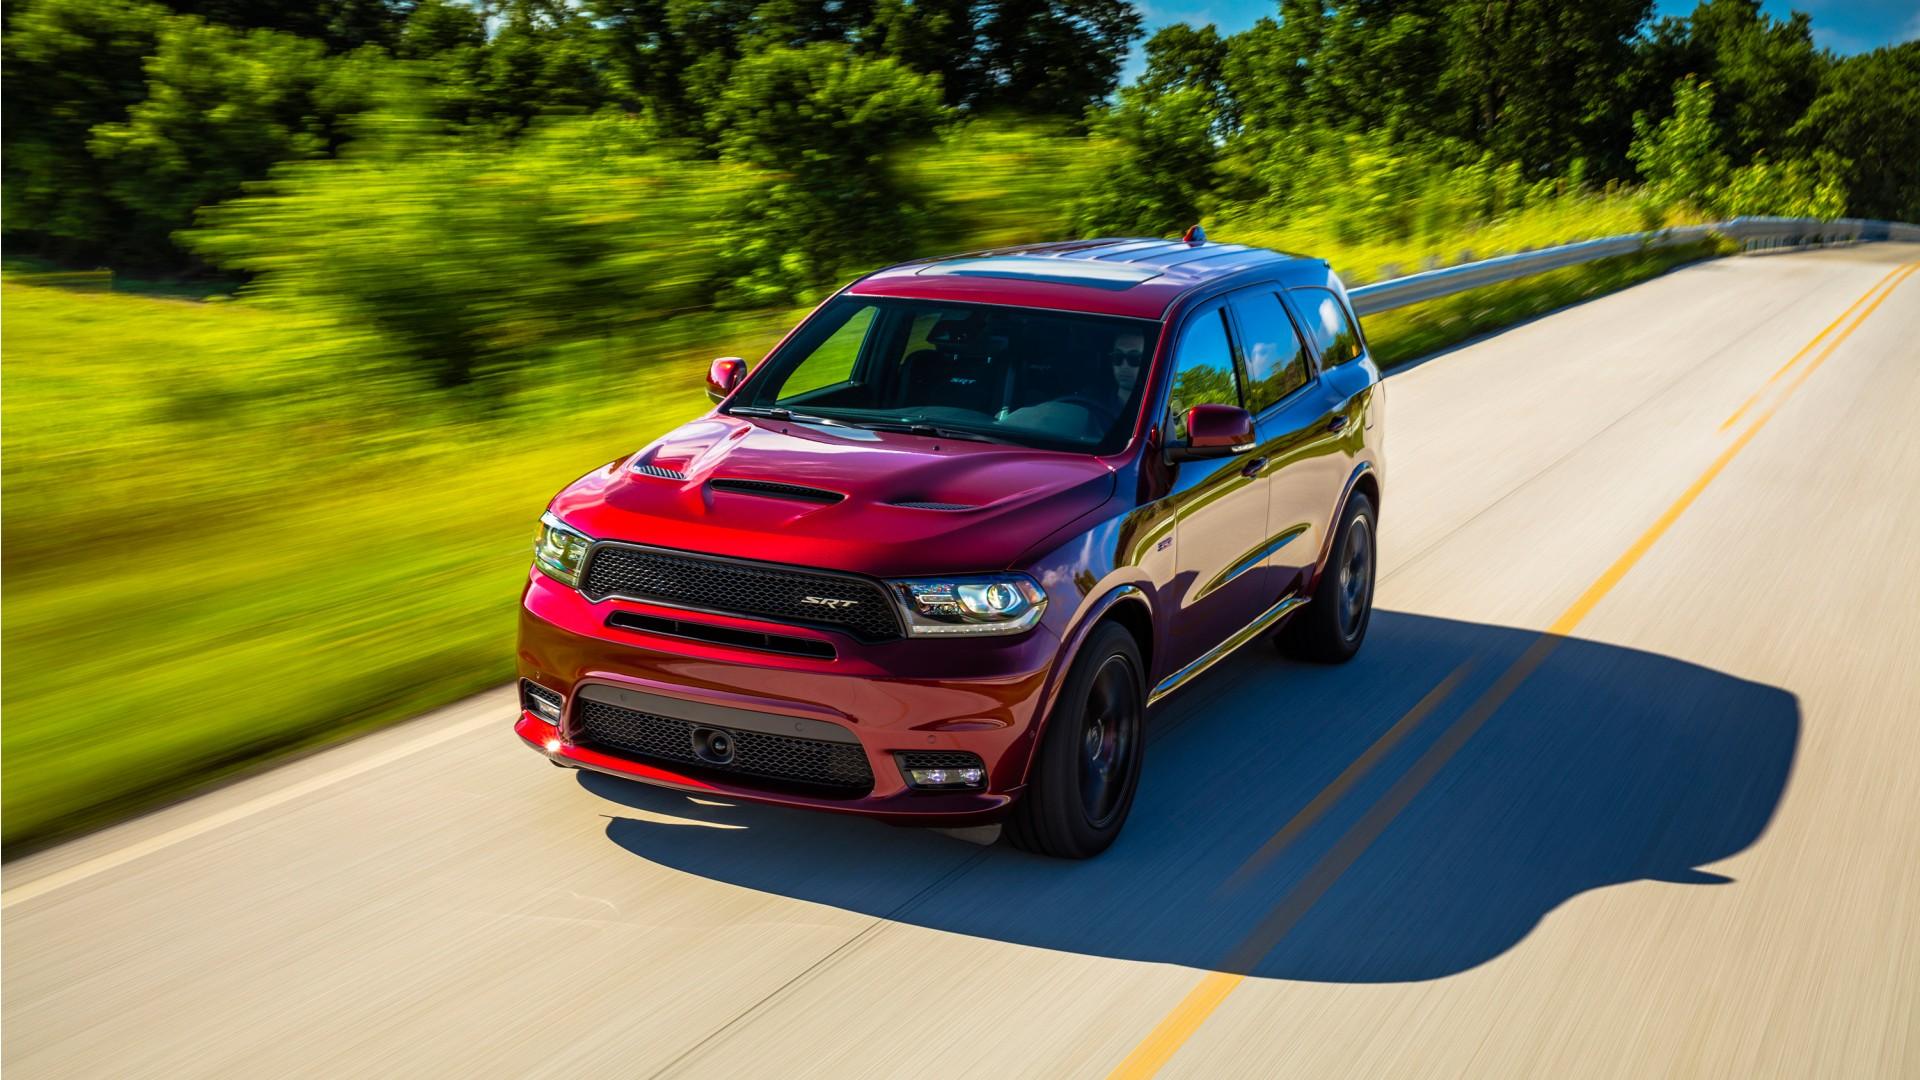 Dodge Durango Srt 2018 Wallpaper Hd Car Wallpapers Id